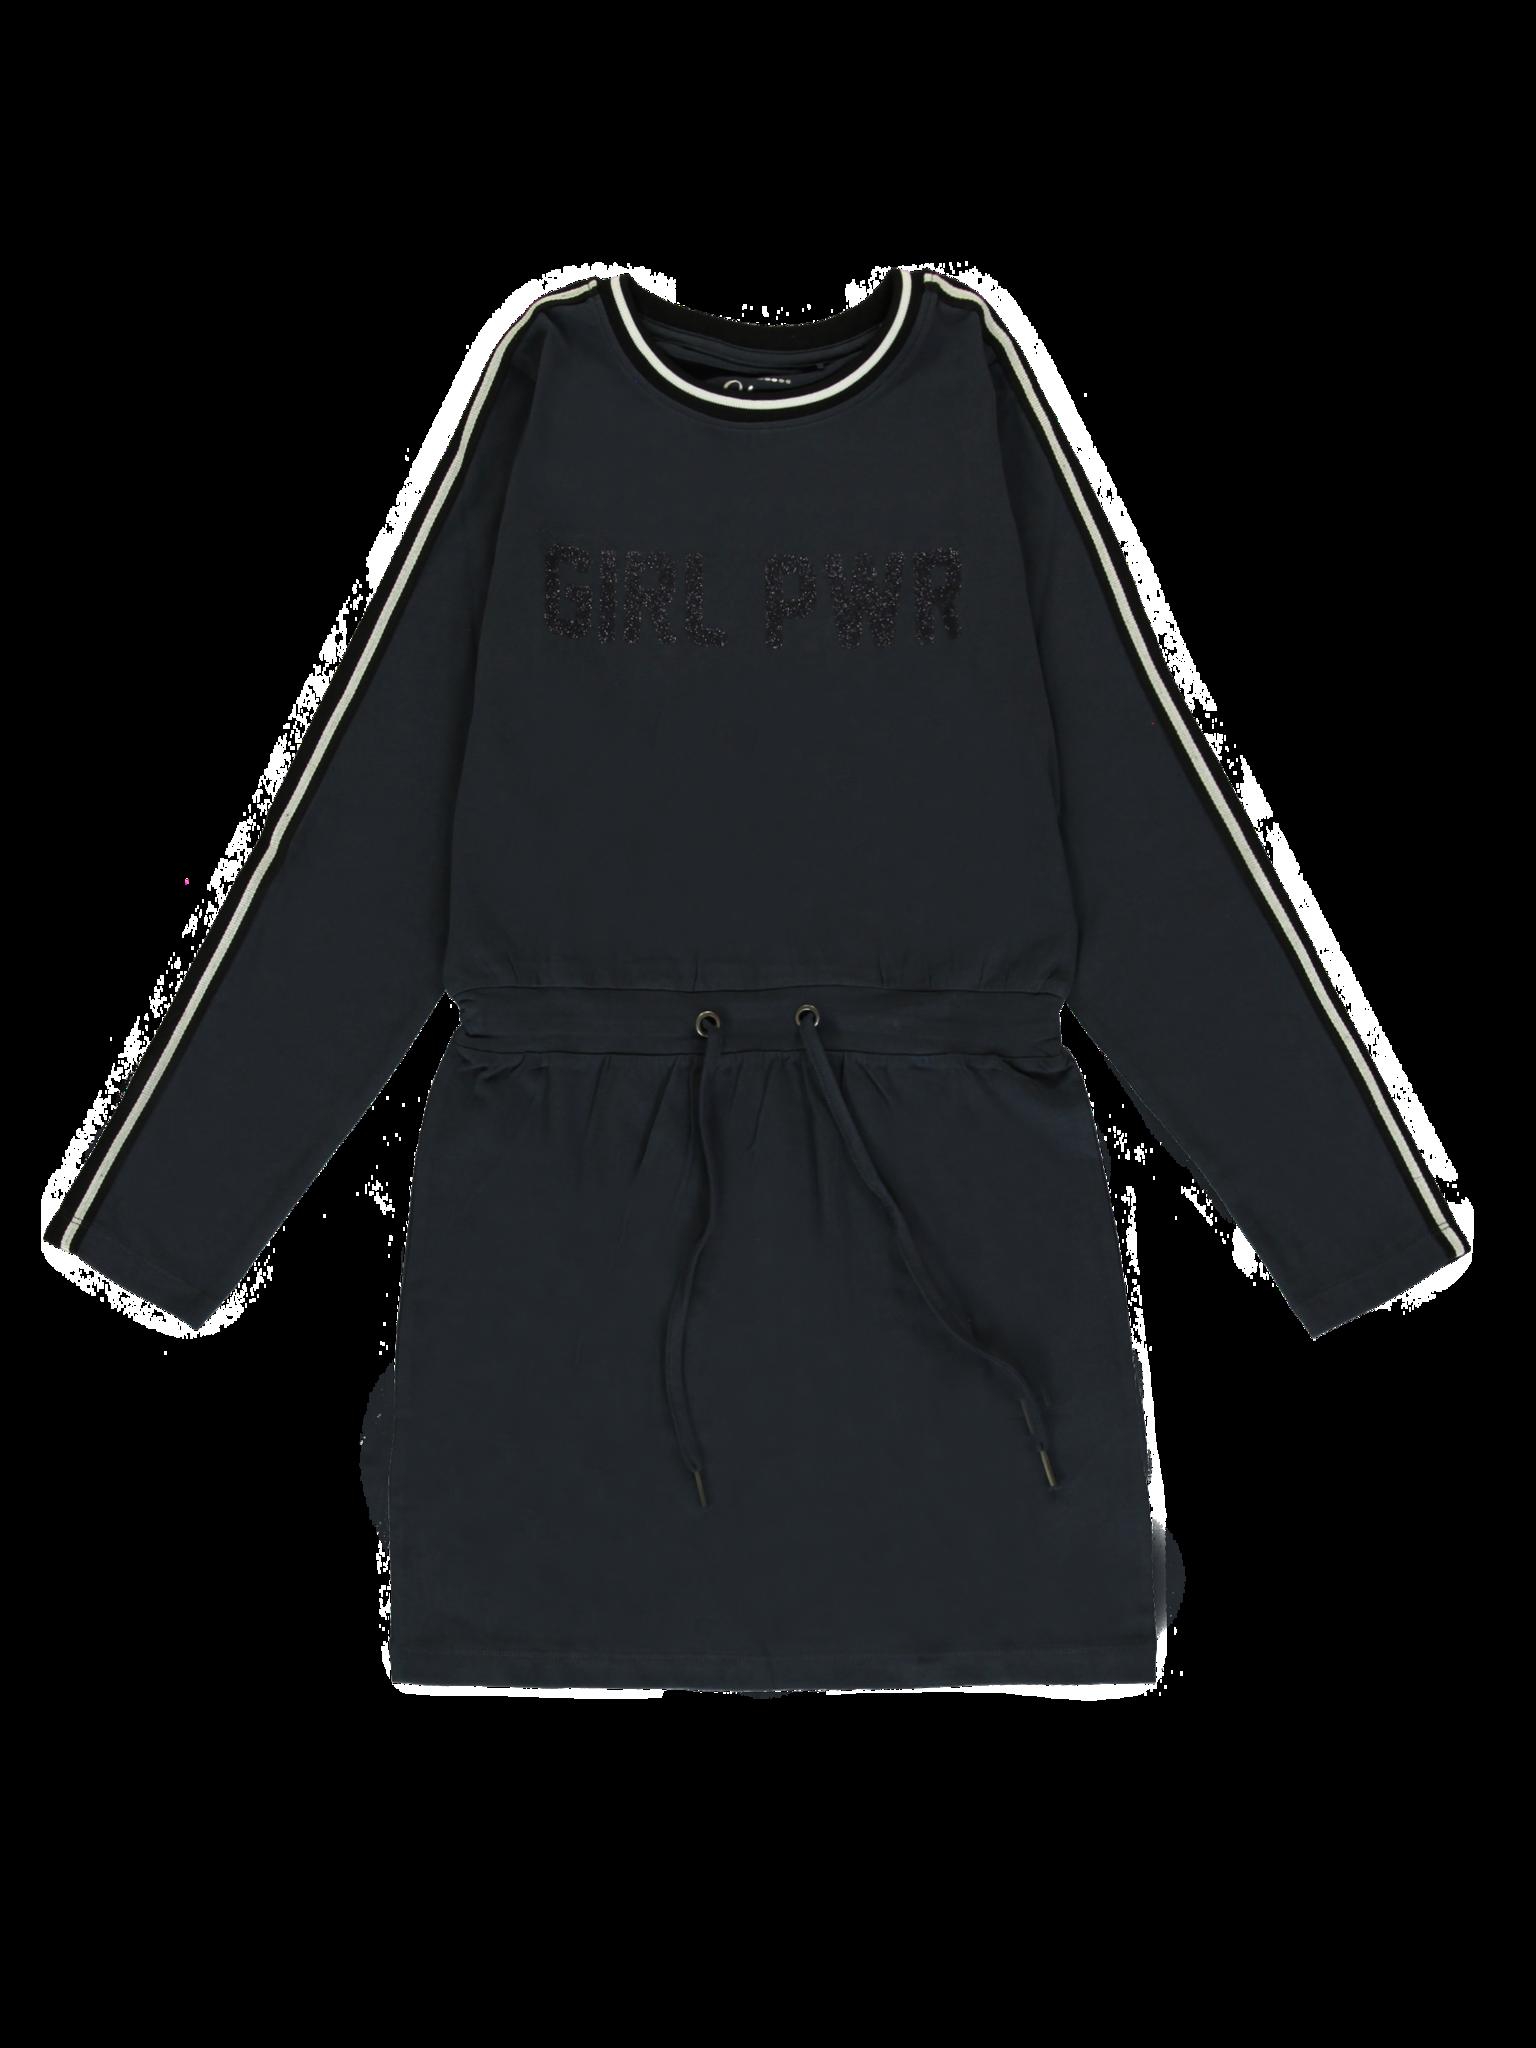 All Brands | Winterproducts Teen Girls | Dress | 12 pcs/box